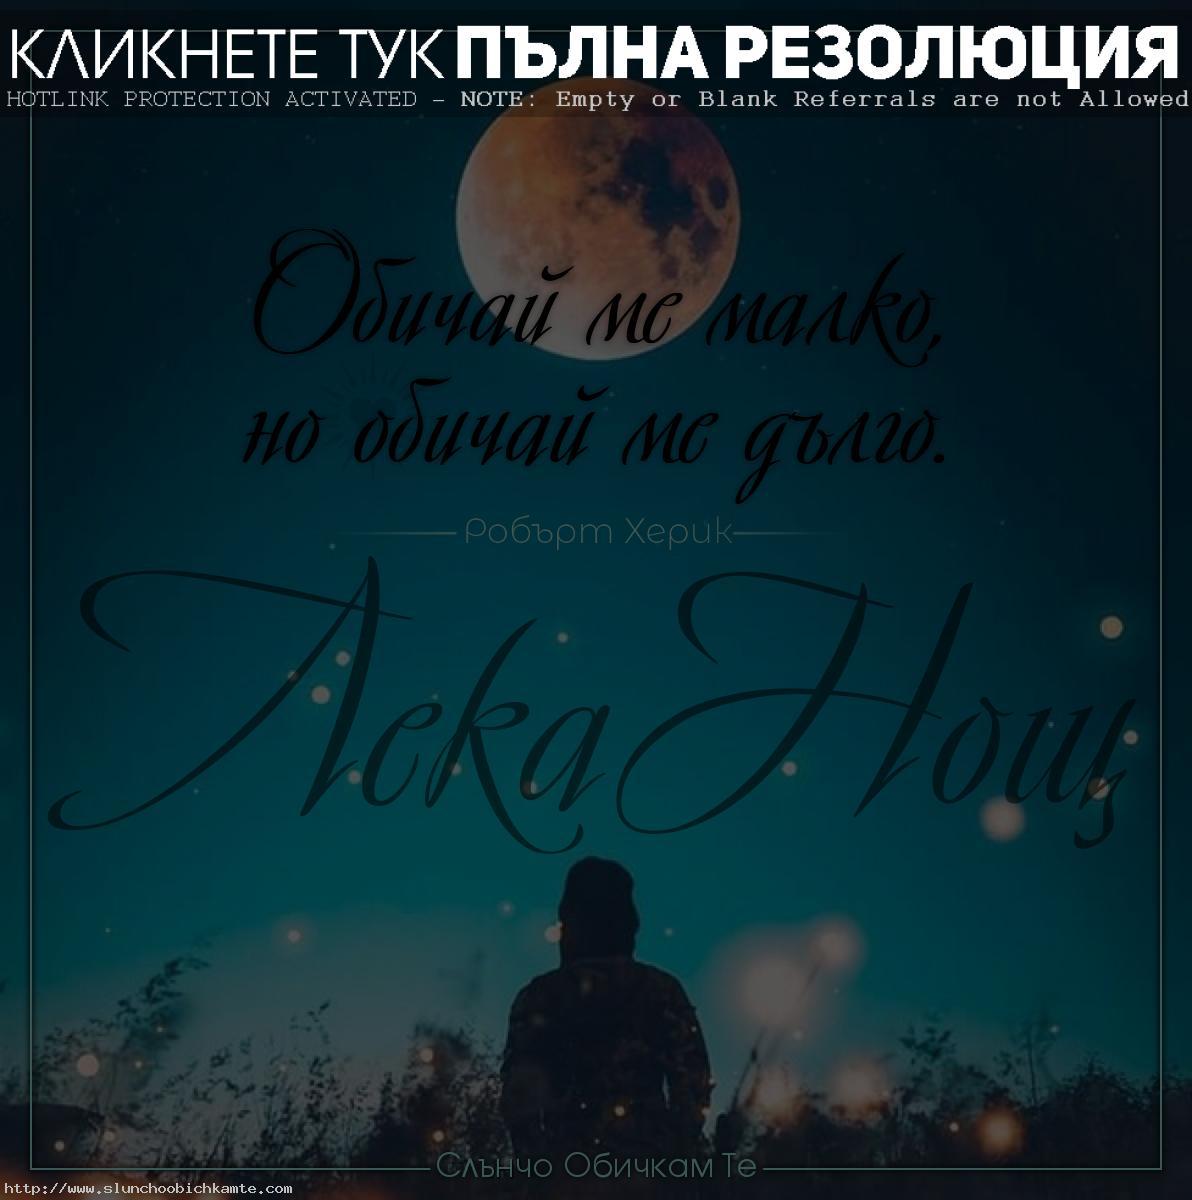 Обичай ме малко, но обичай ме дълго - Лека нощ с цитат на Робърт Херик - Лека нощ обичам те. Картички за лека нощ, сладки пожелания за лека нощ